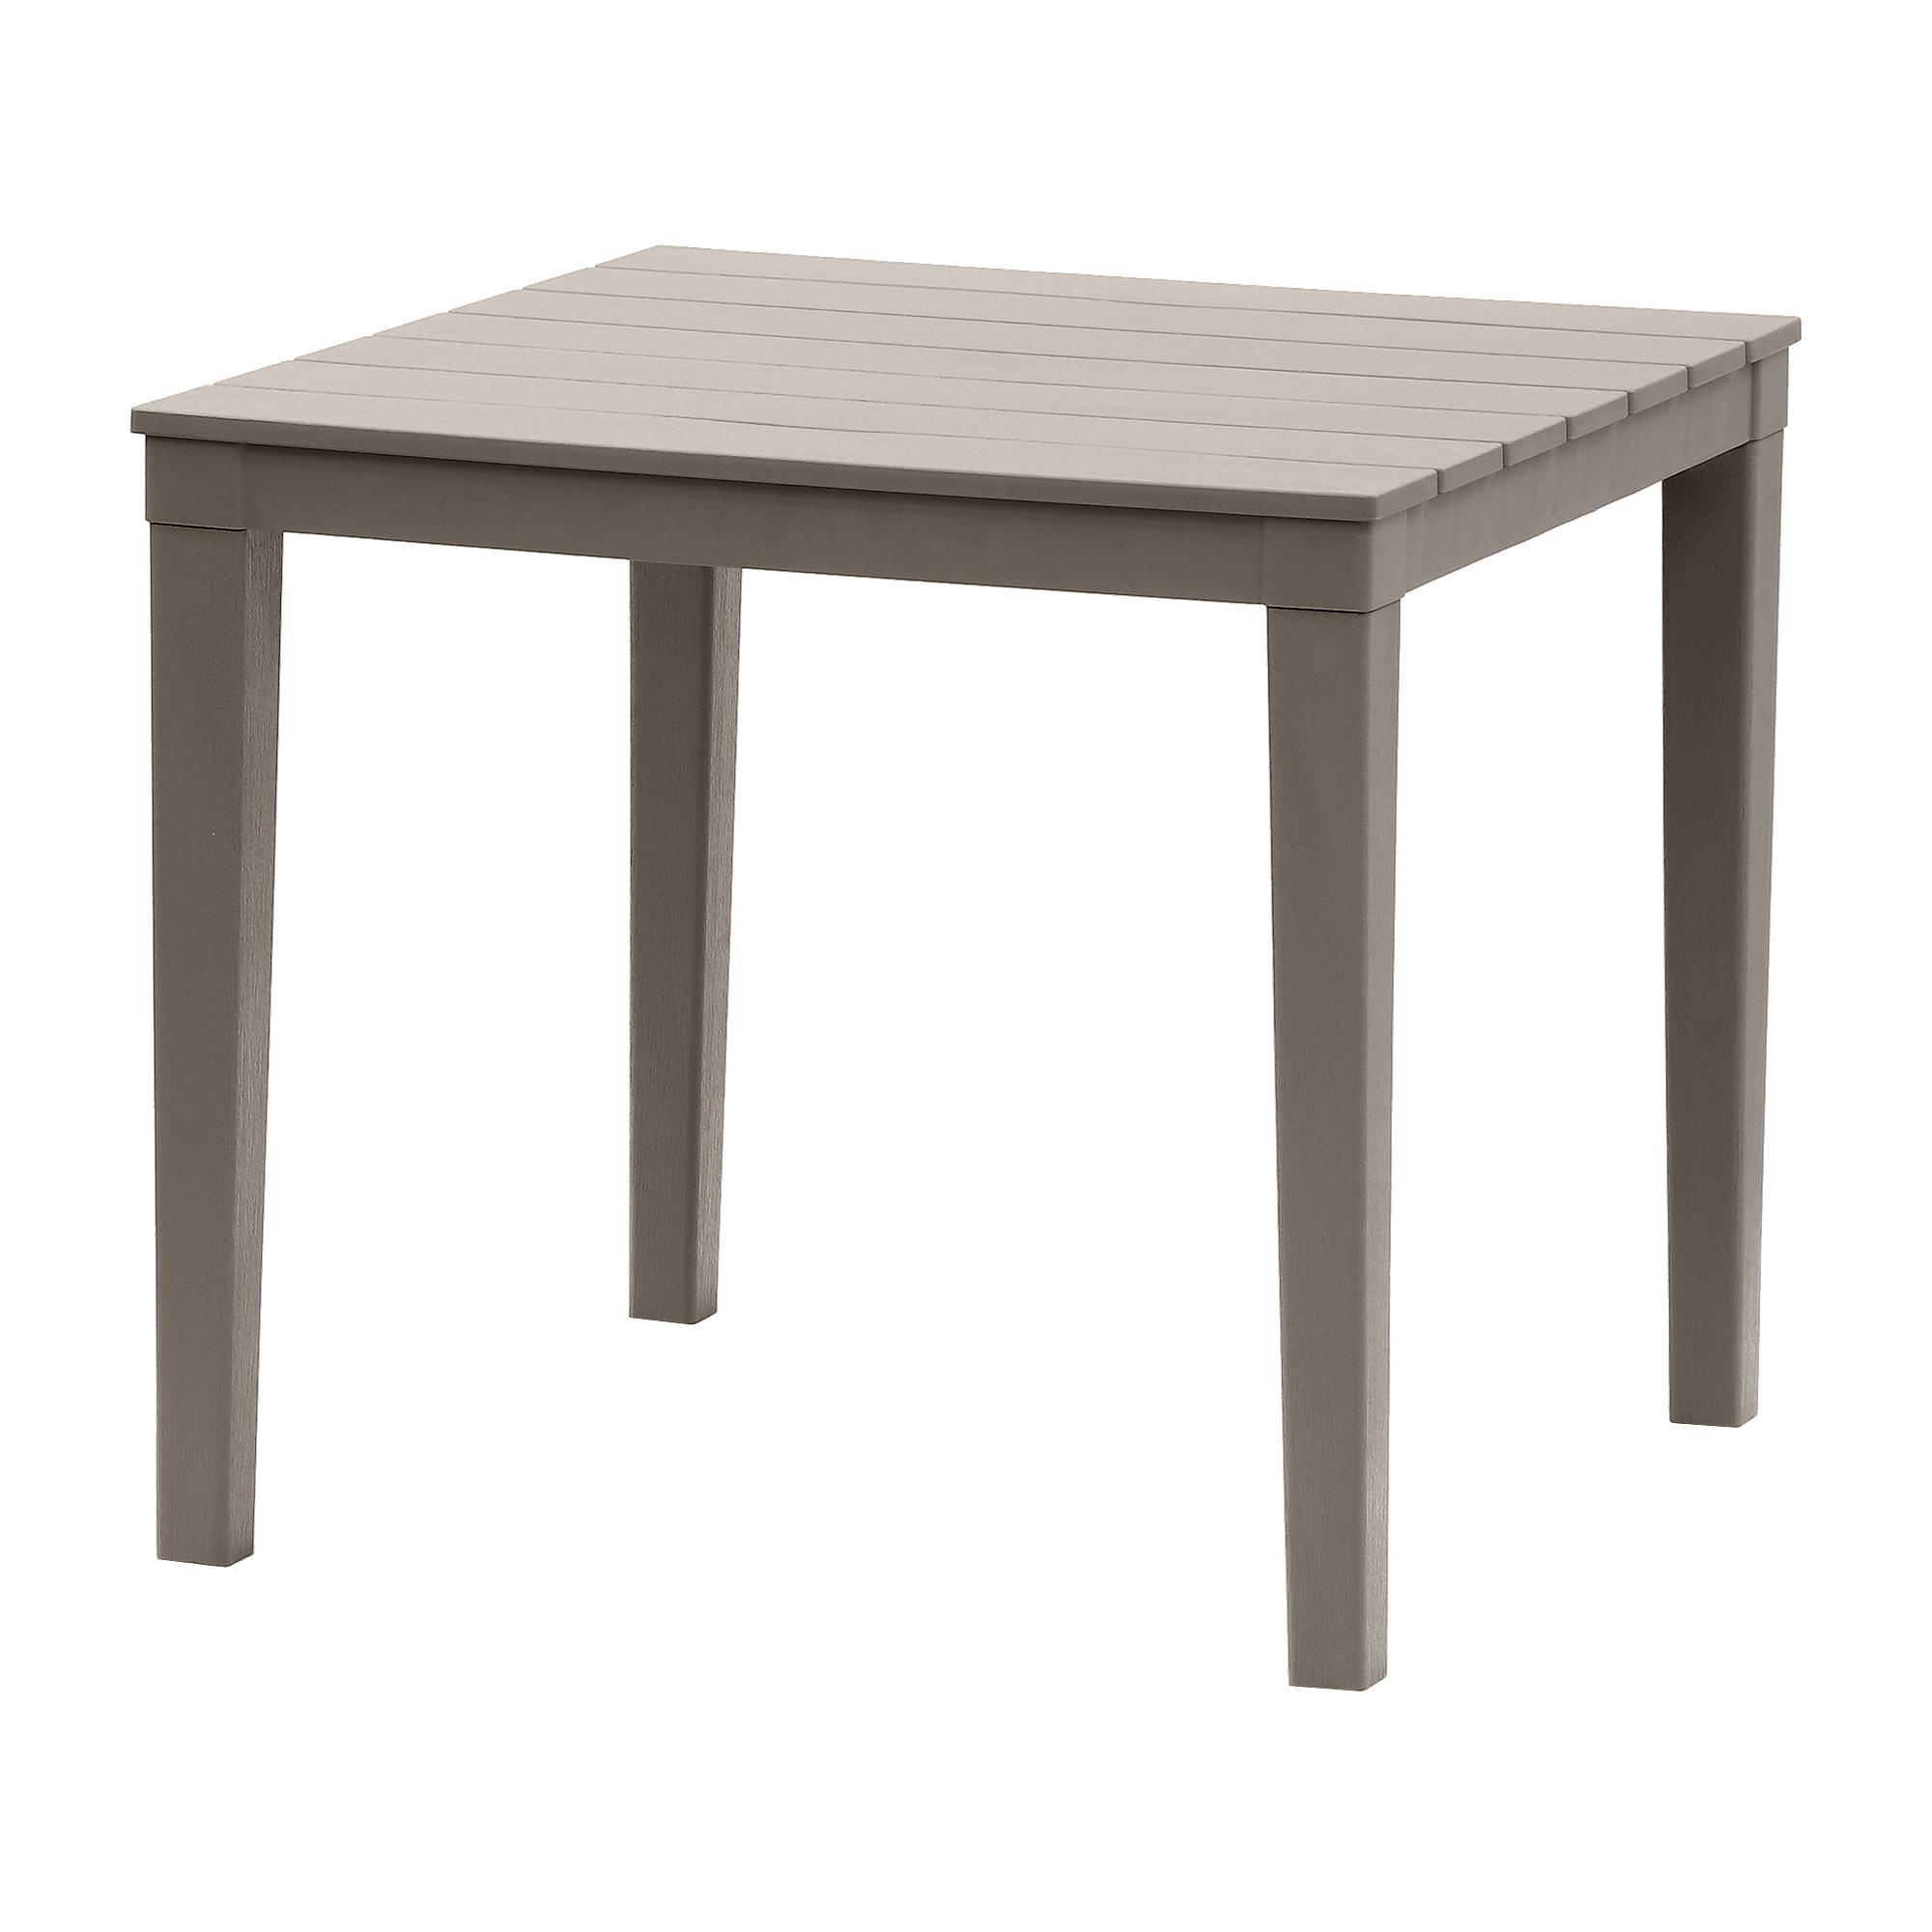 Стол квадратный Элластик пласт Прованс мокко 80x80 см